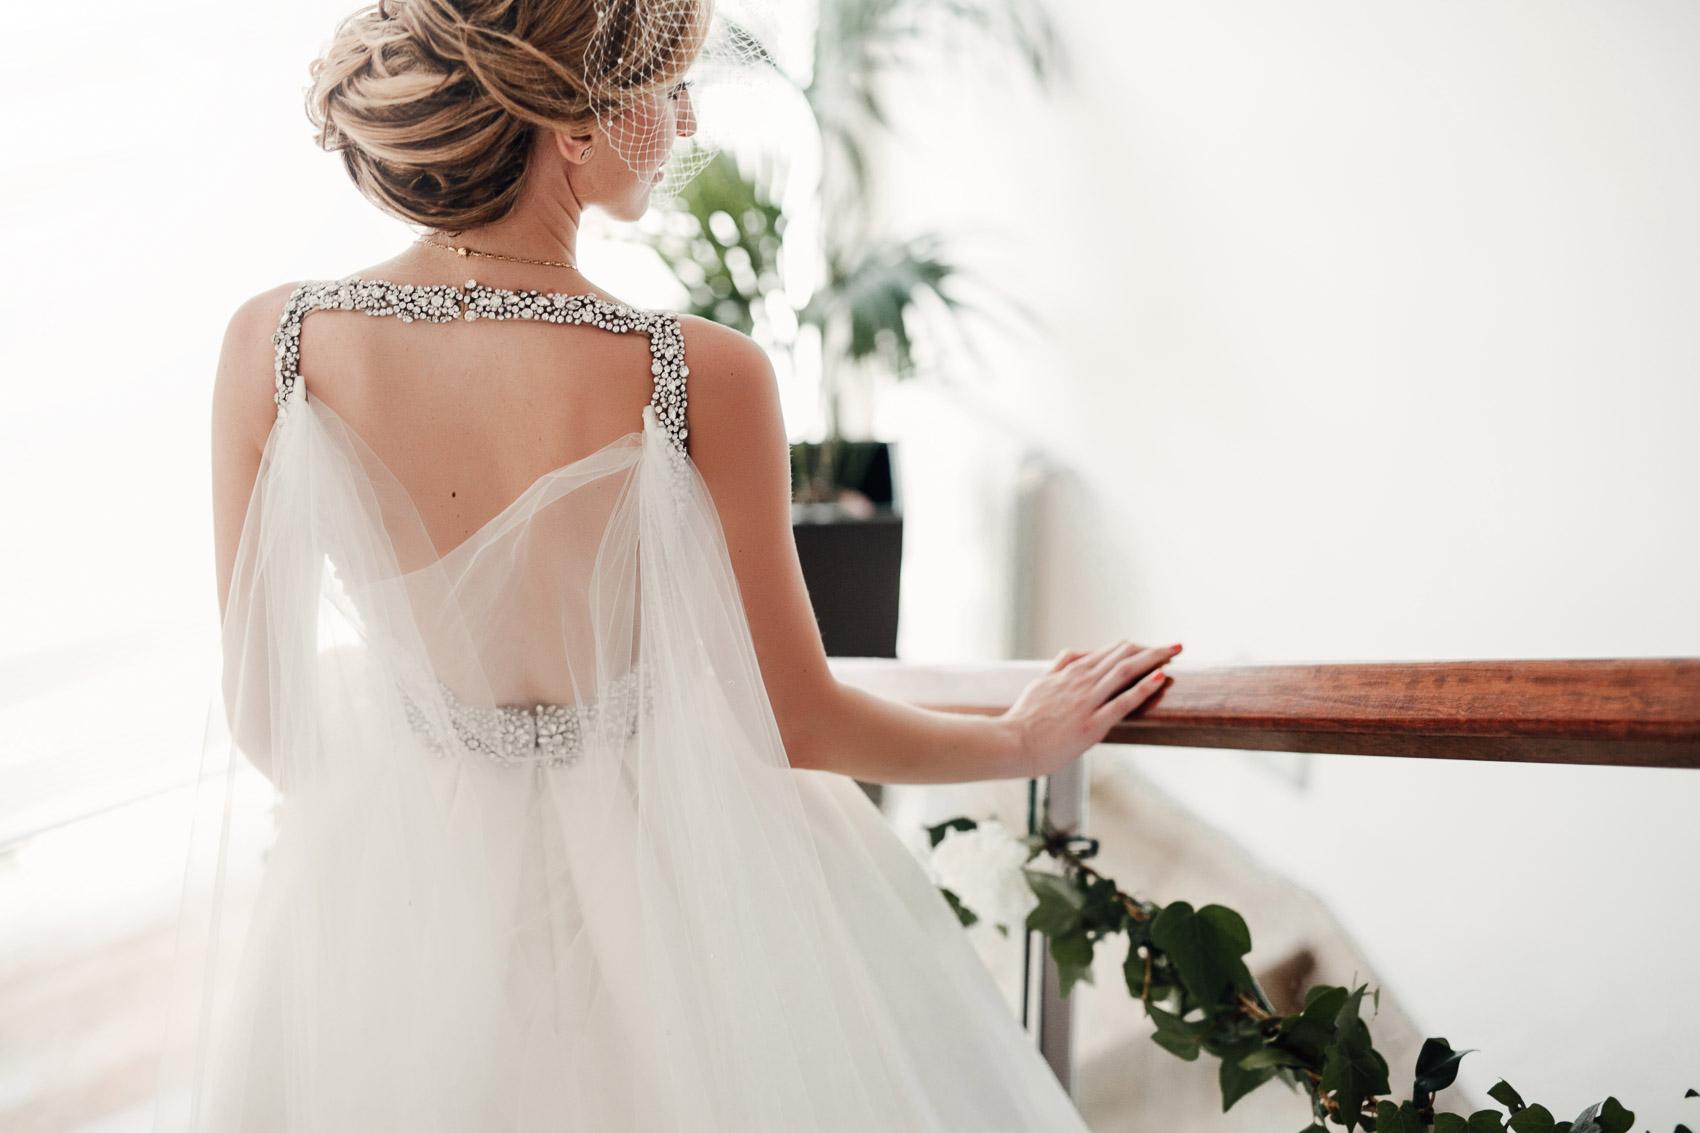 detalle pedreria joyeria vestido espalda escalera tocado novia